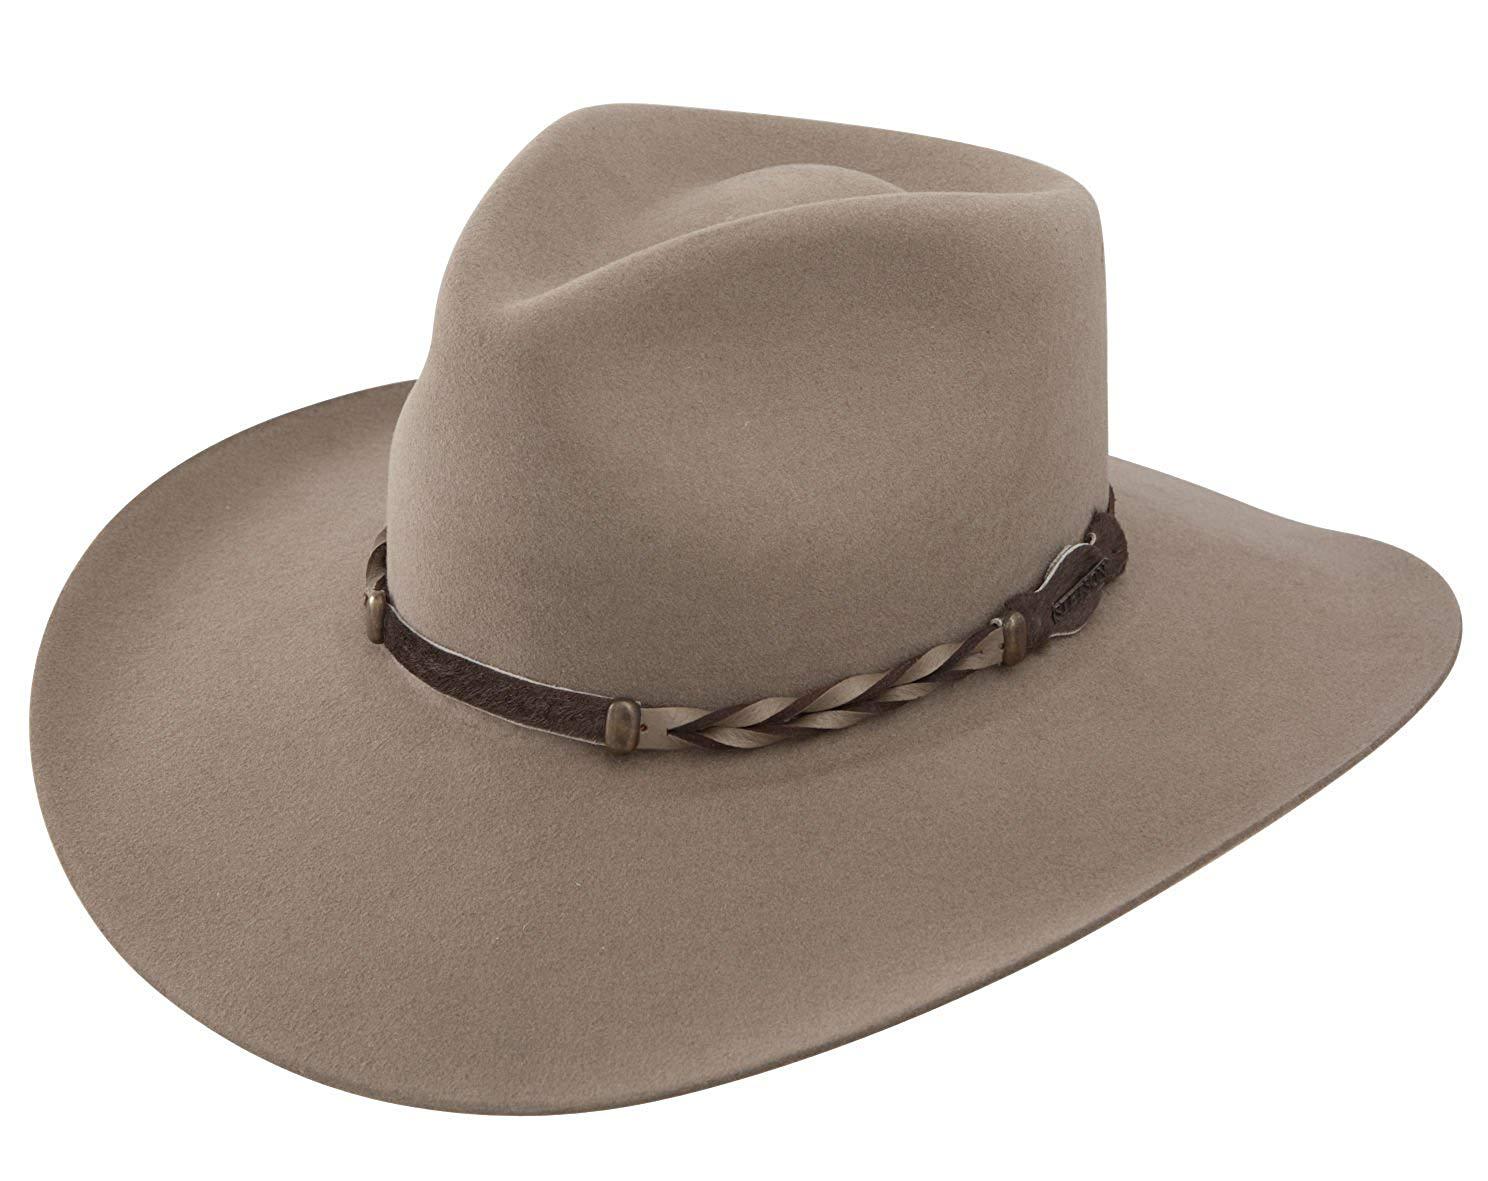 8b3b307ca3bcc Stetson Men s 4X Drifter Buffalo Felt Pinch Front Cowboy Hat -  Sbdftr-163420 Stone